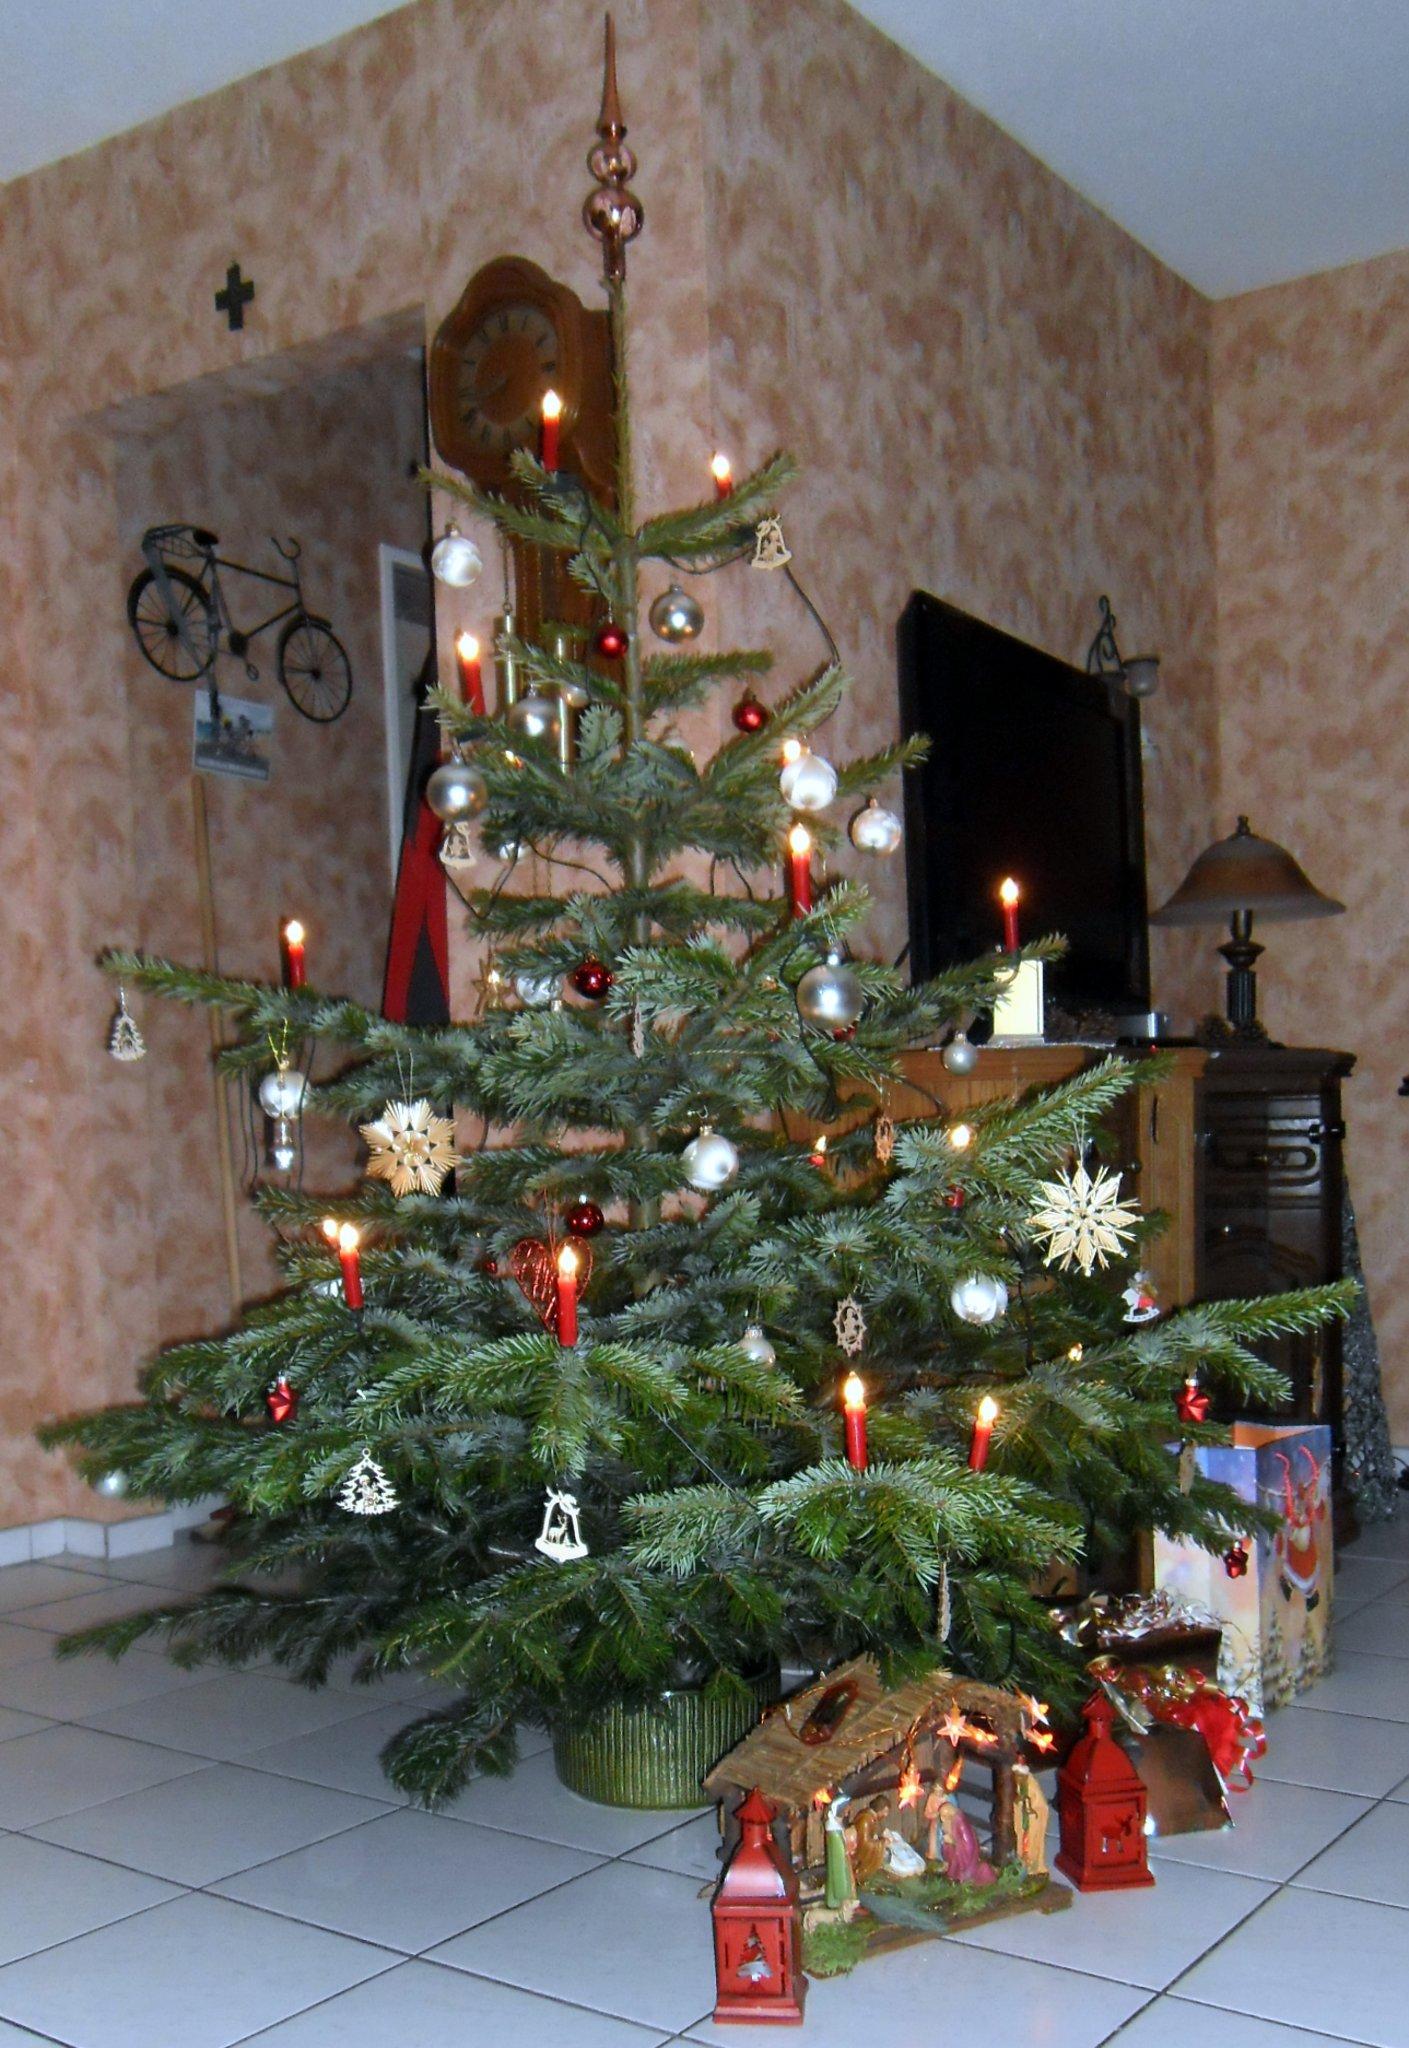 Frohe Und Gesegnete Weihnachten.Frohe Weihnachten Wünsche Ich Allen Nutzern Und Lesern Im